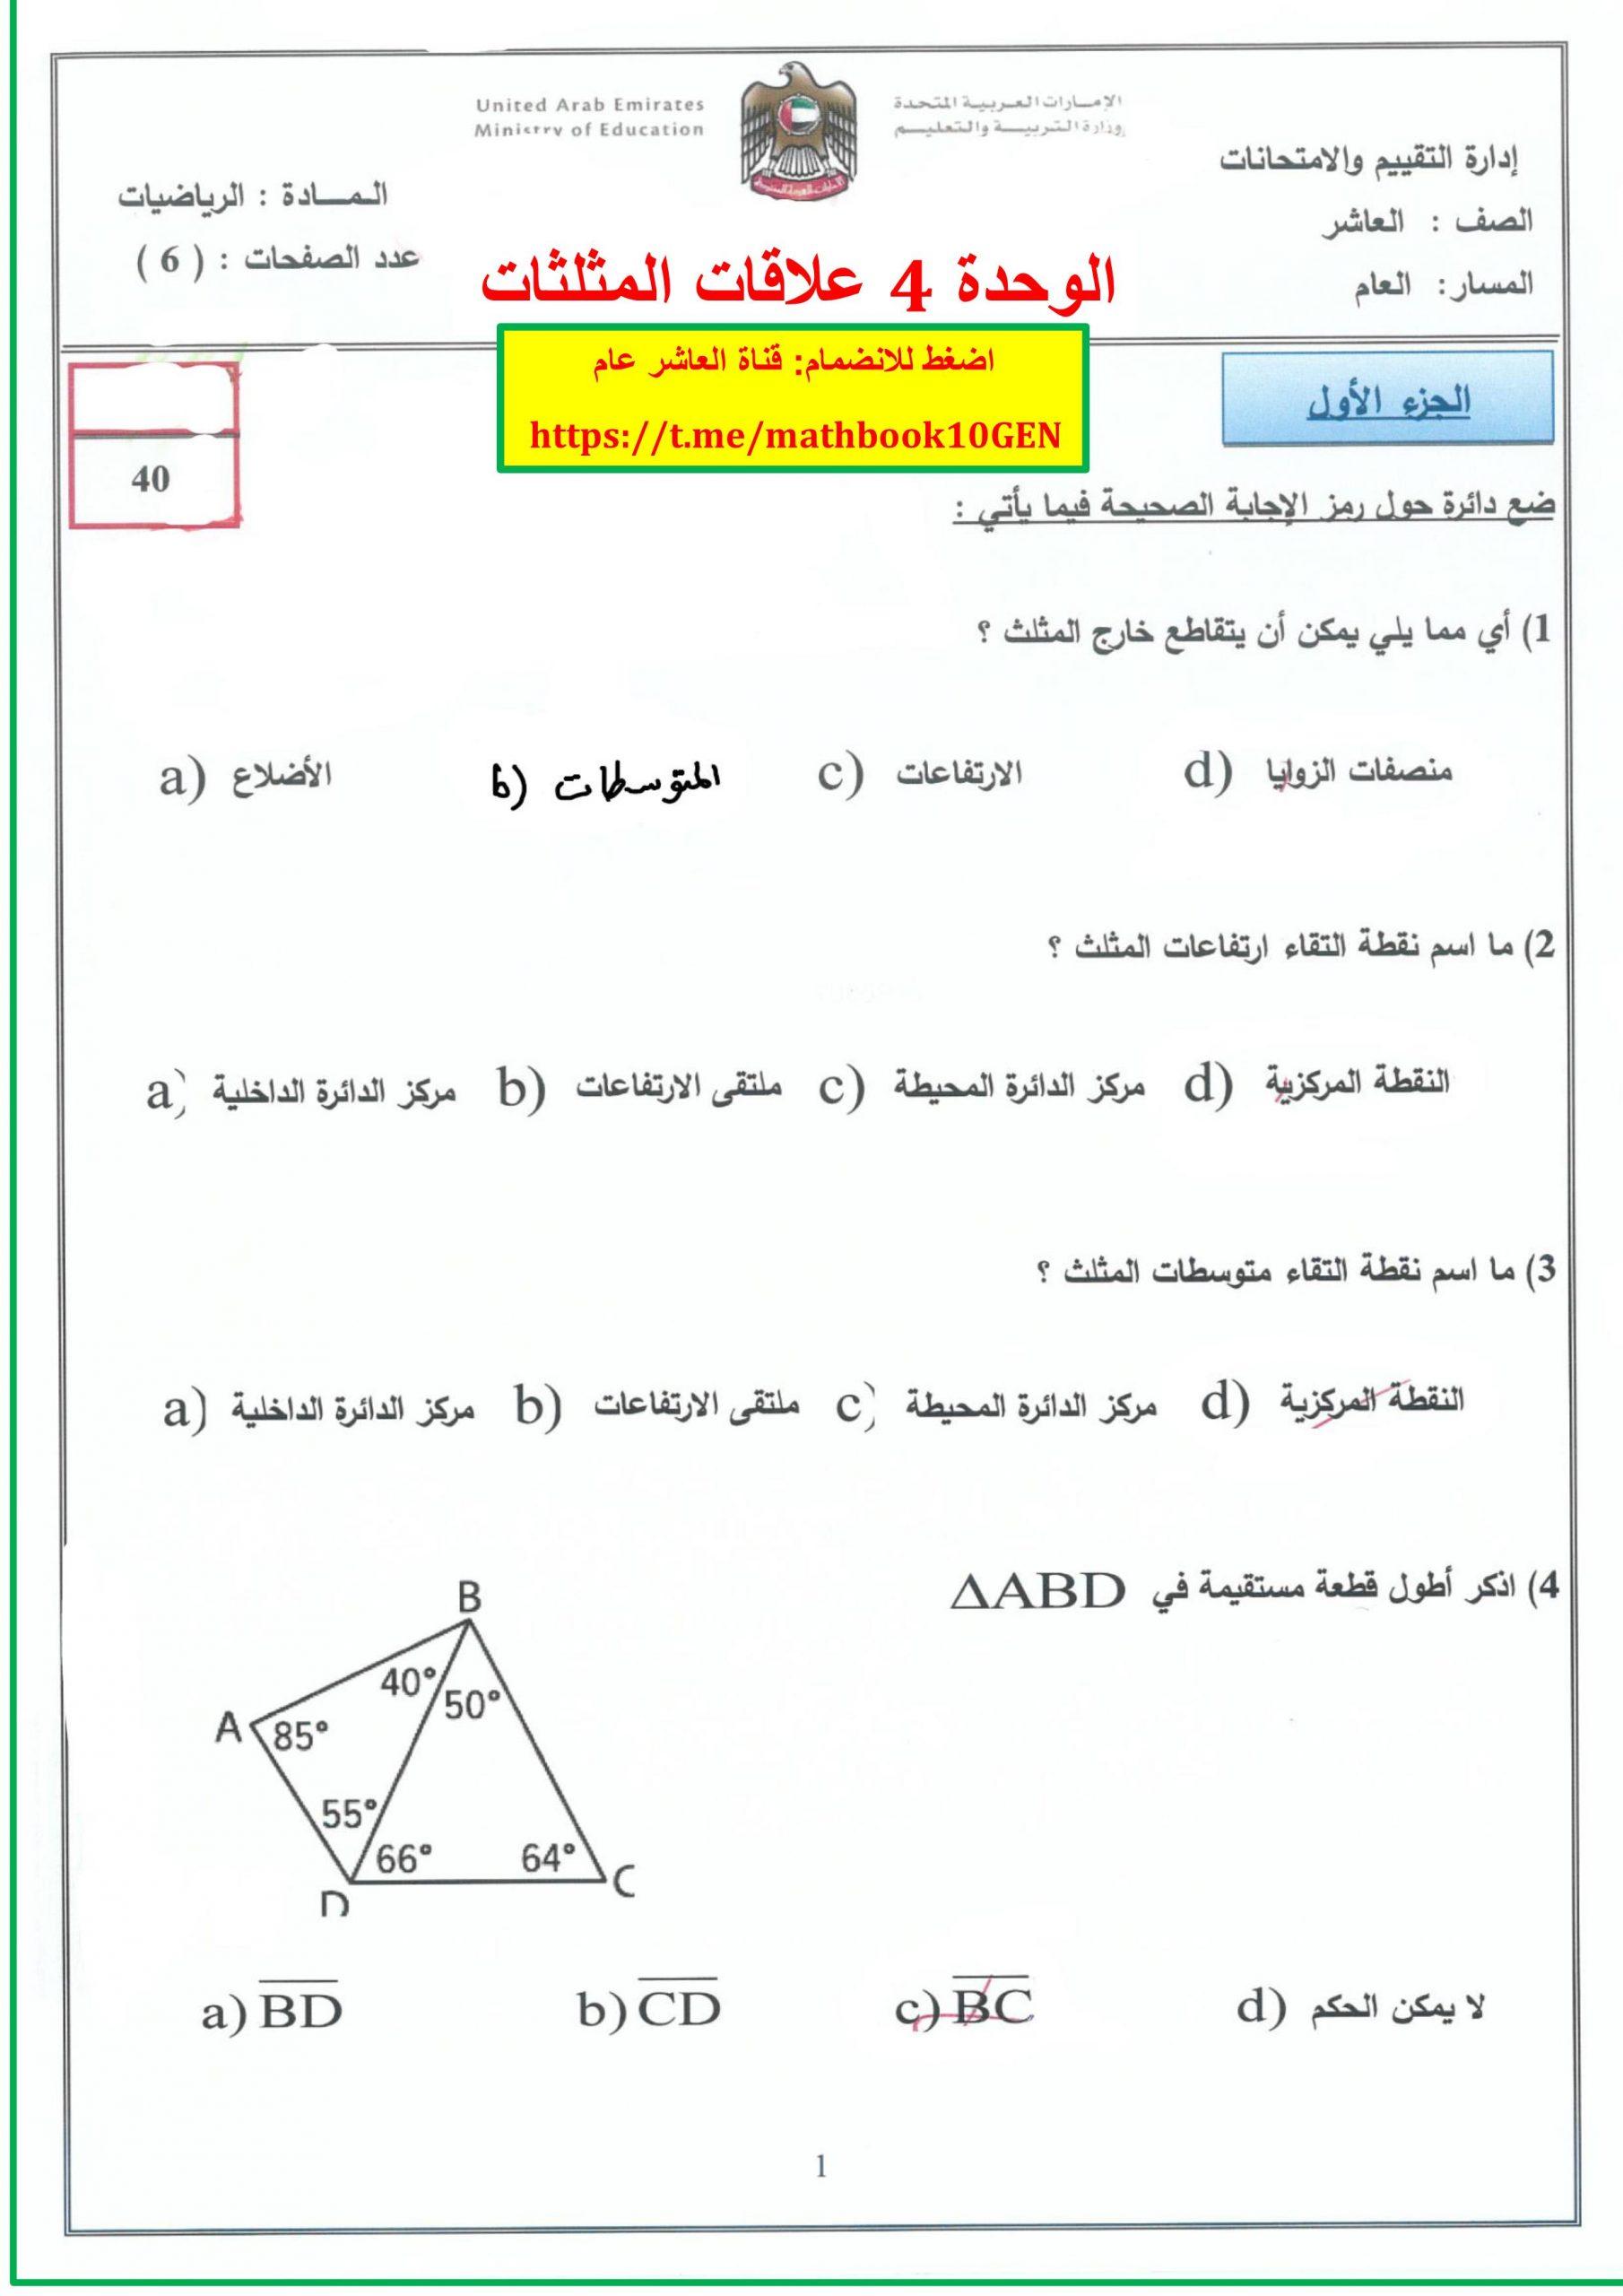 اوراق عمل الوحدة الرابعة علاقات المثلثات الصف العاشر عام مادة الرياضيات المتكاملة